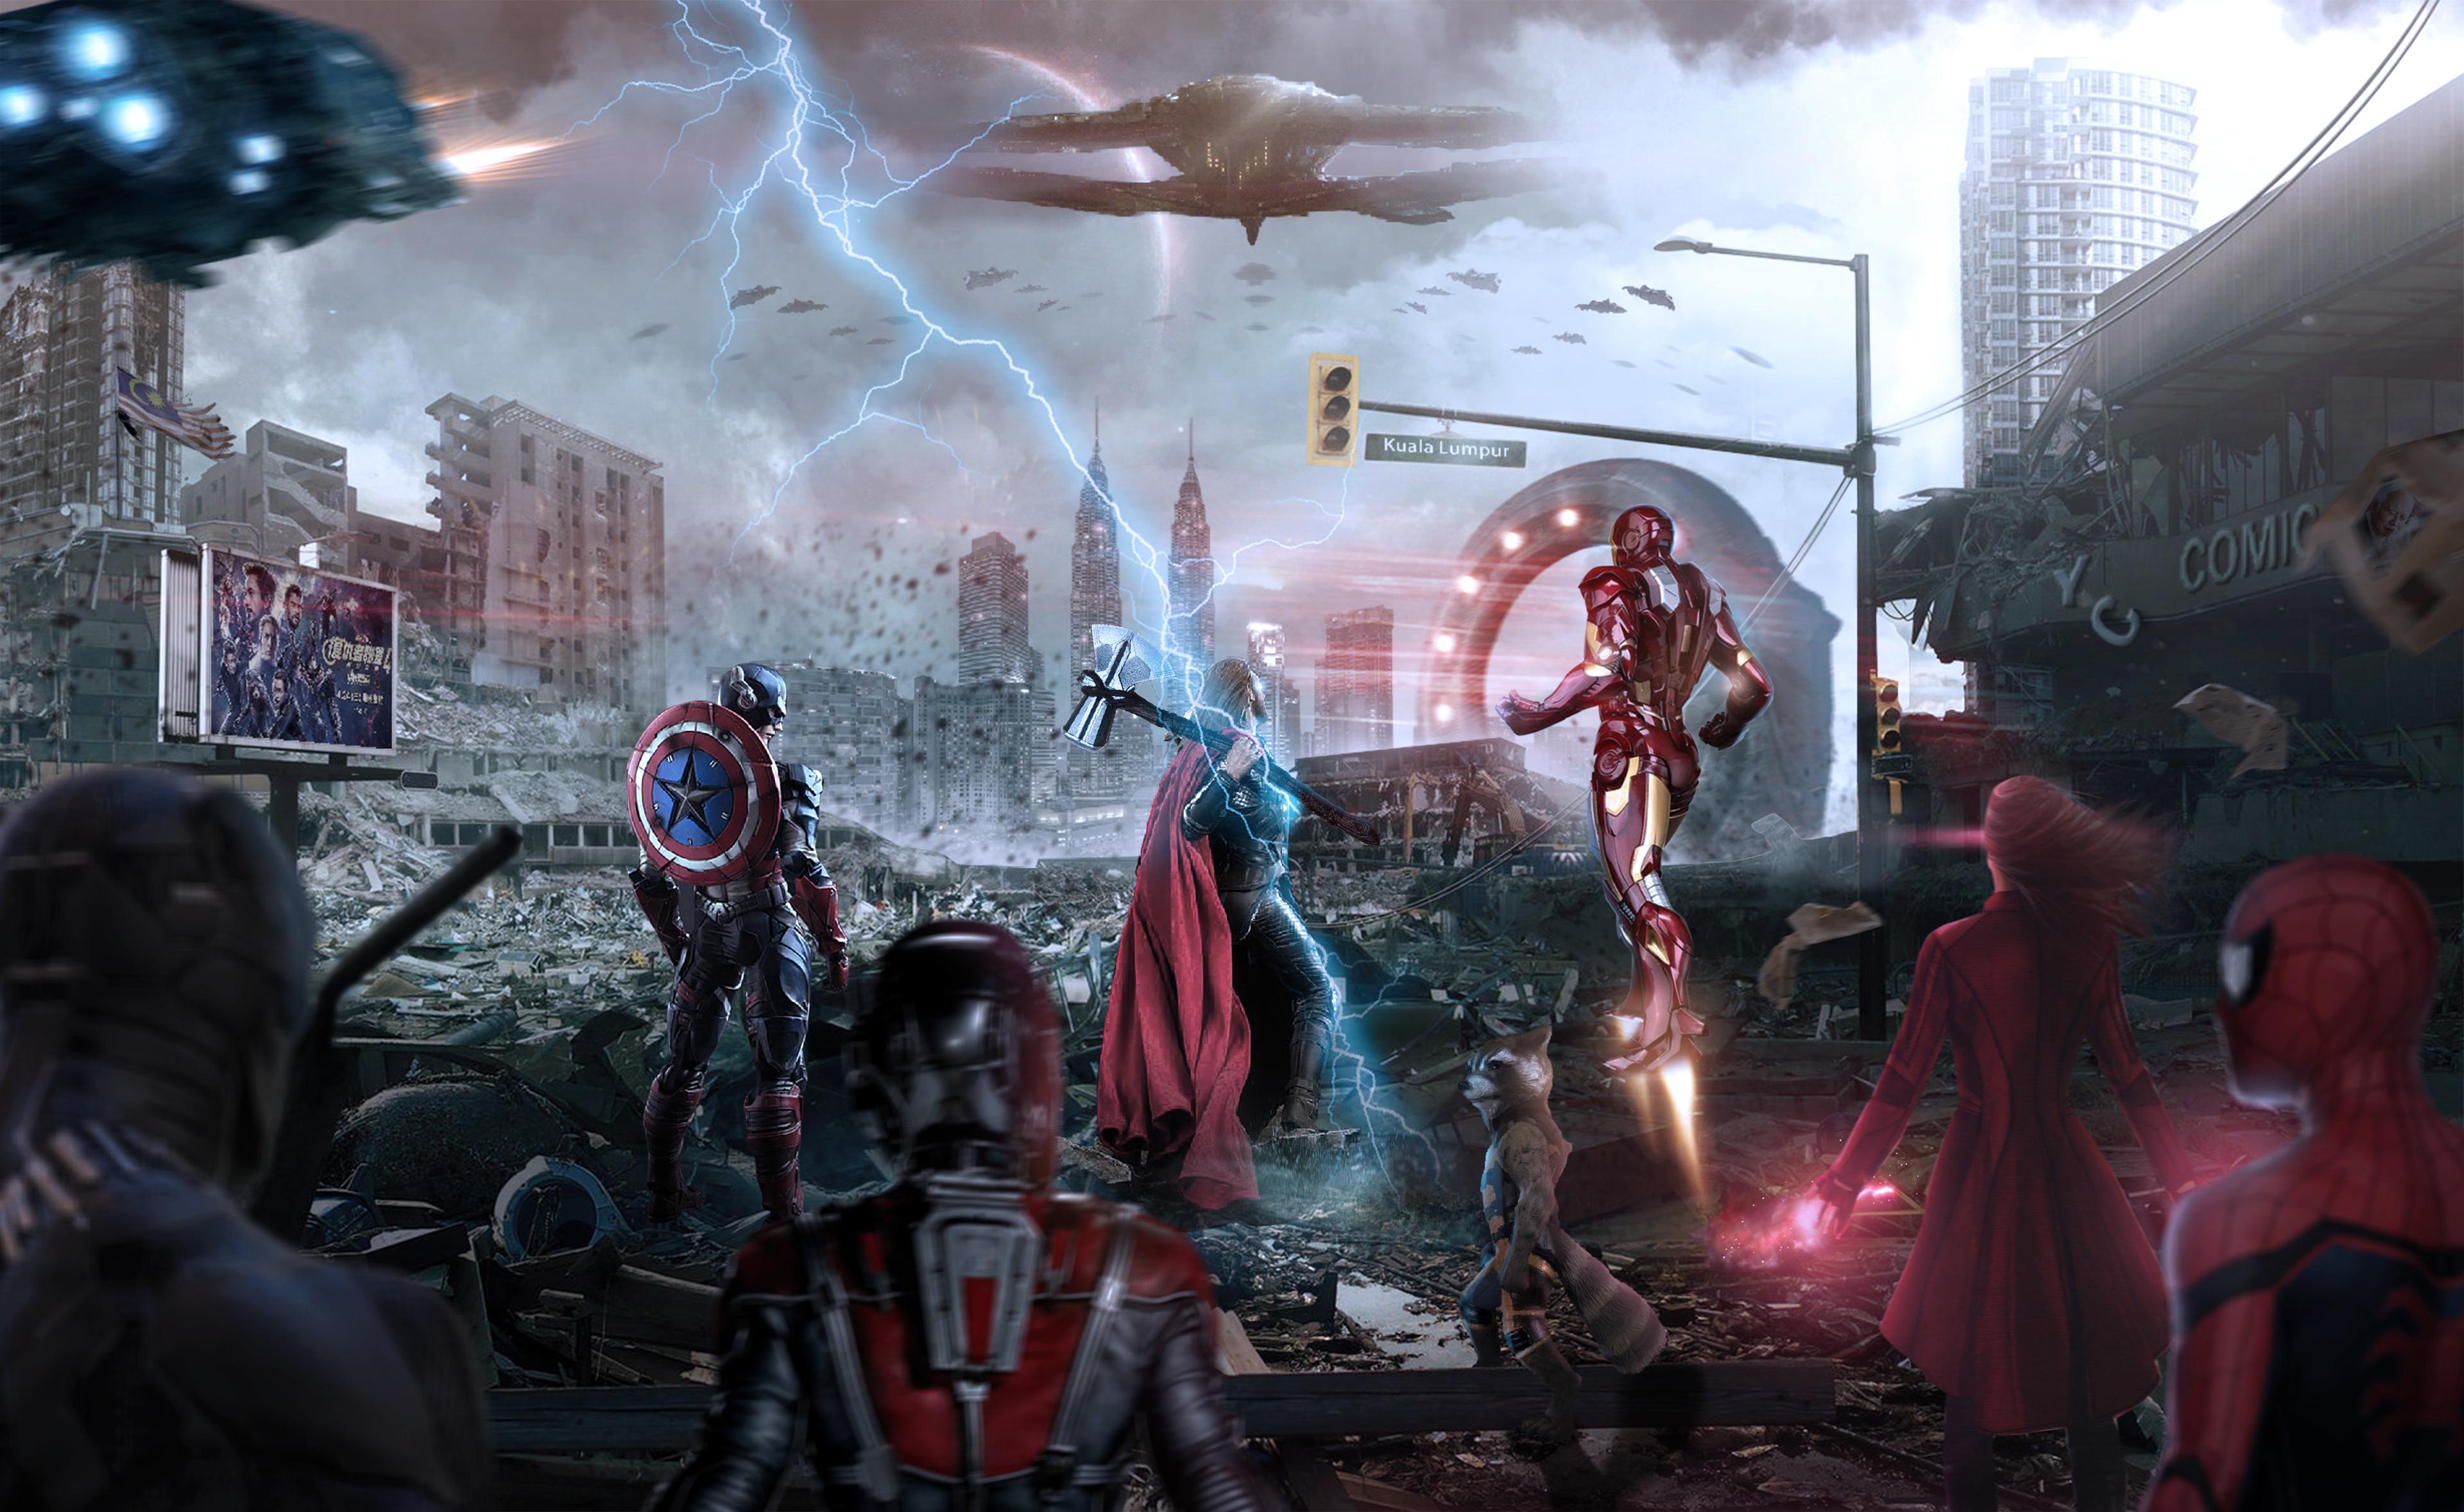 Avengers Endgame Assemble 4k 2019 Hd Superheroes 4k Wallpapers